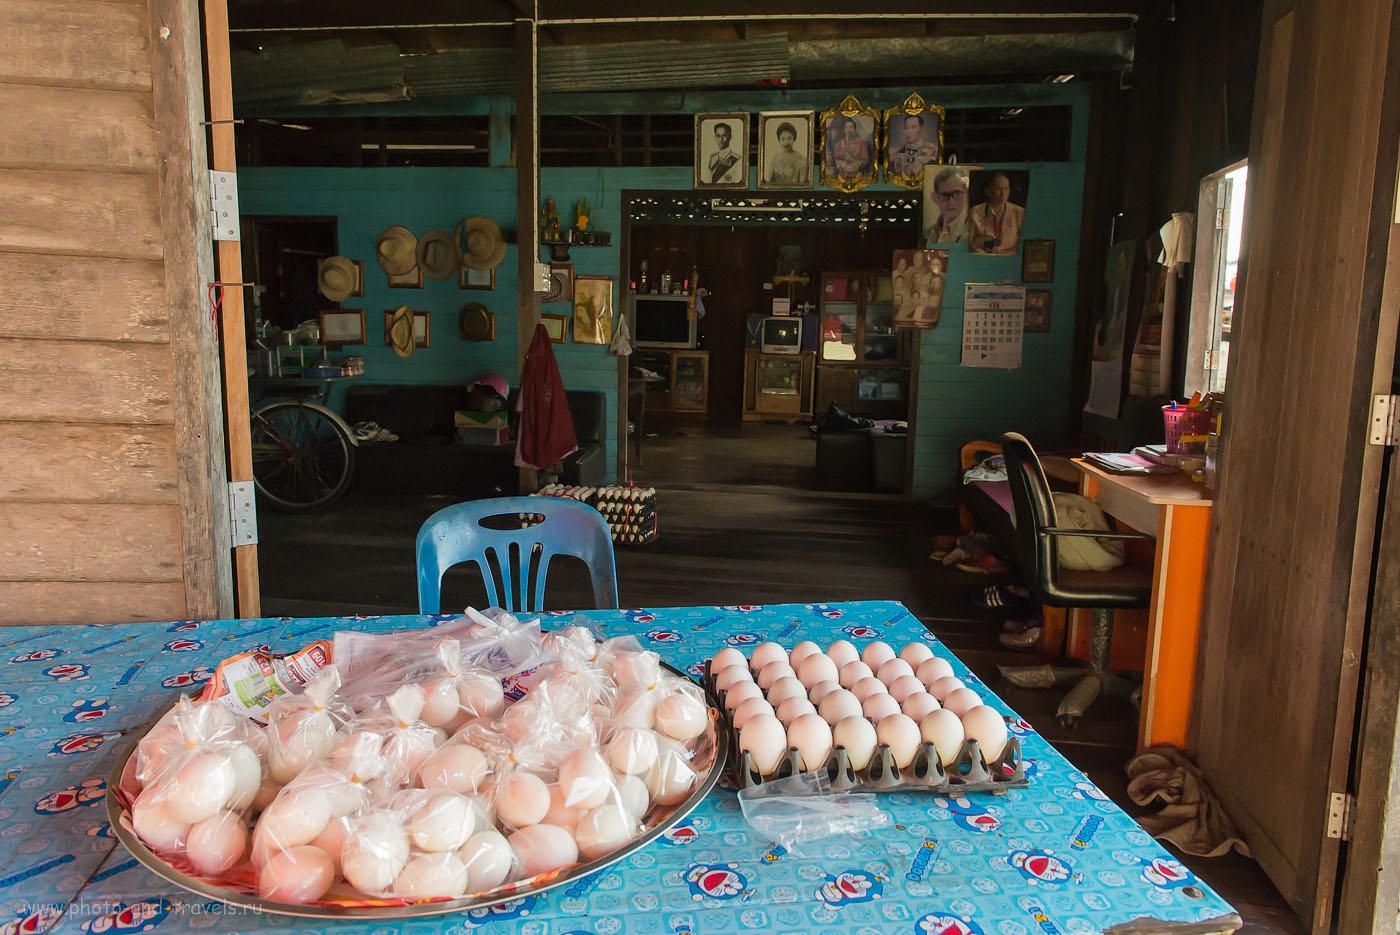 Фотография 10. Тайский быт. Рассказ о путешествии по Таю на машине (3200, 24, 8.0, 1/125)